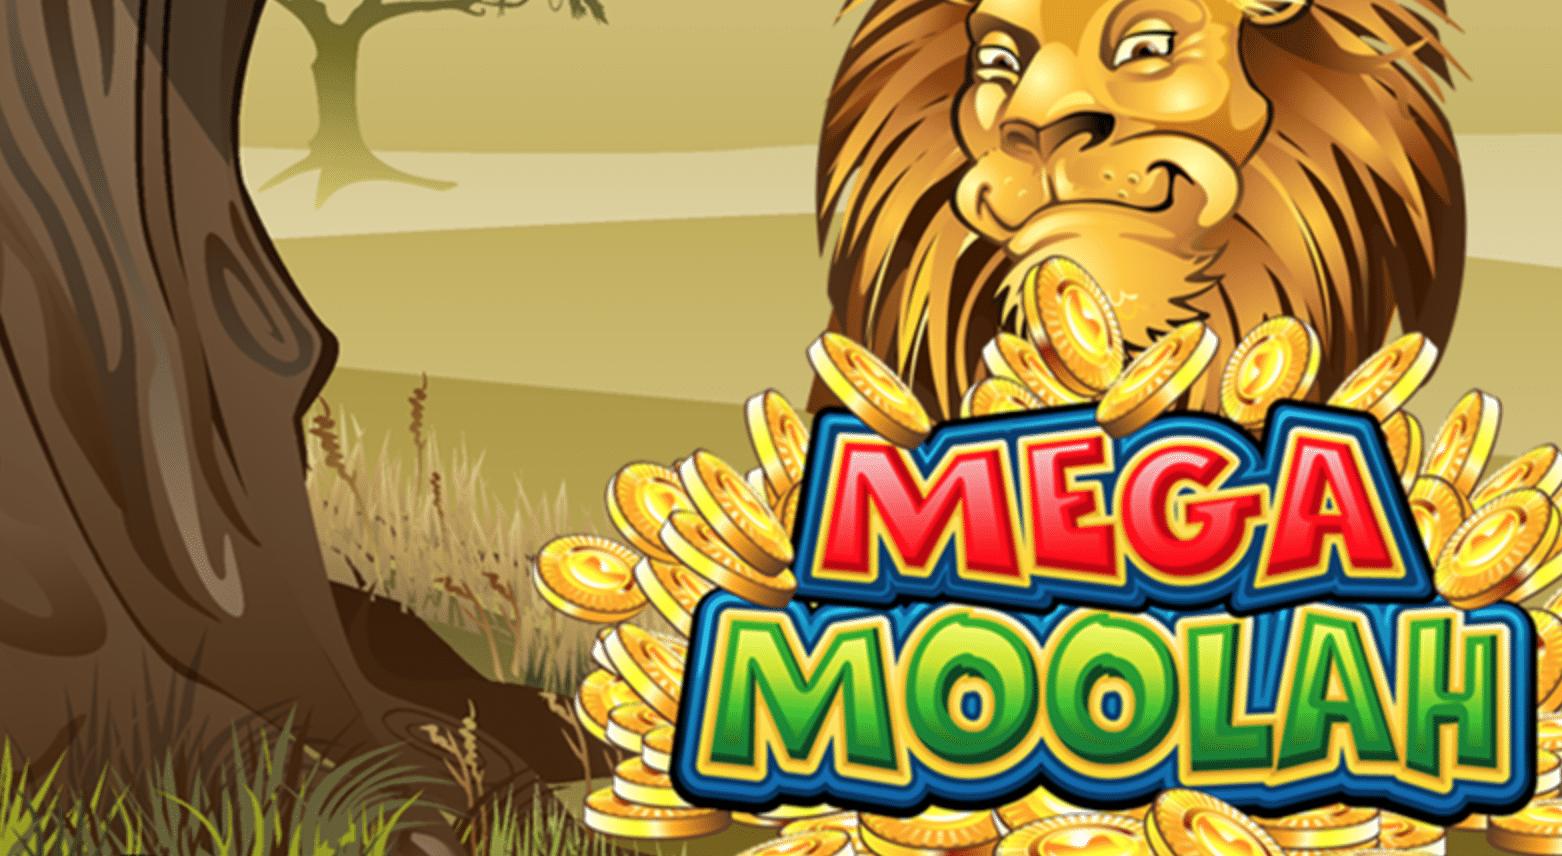 Mega moolah jackpot - 55176